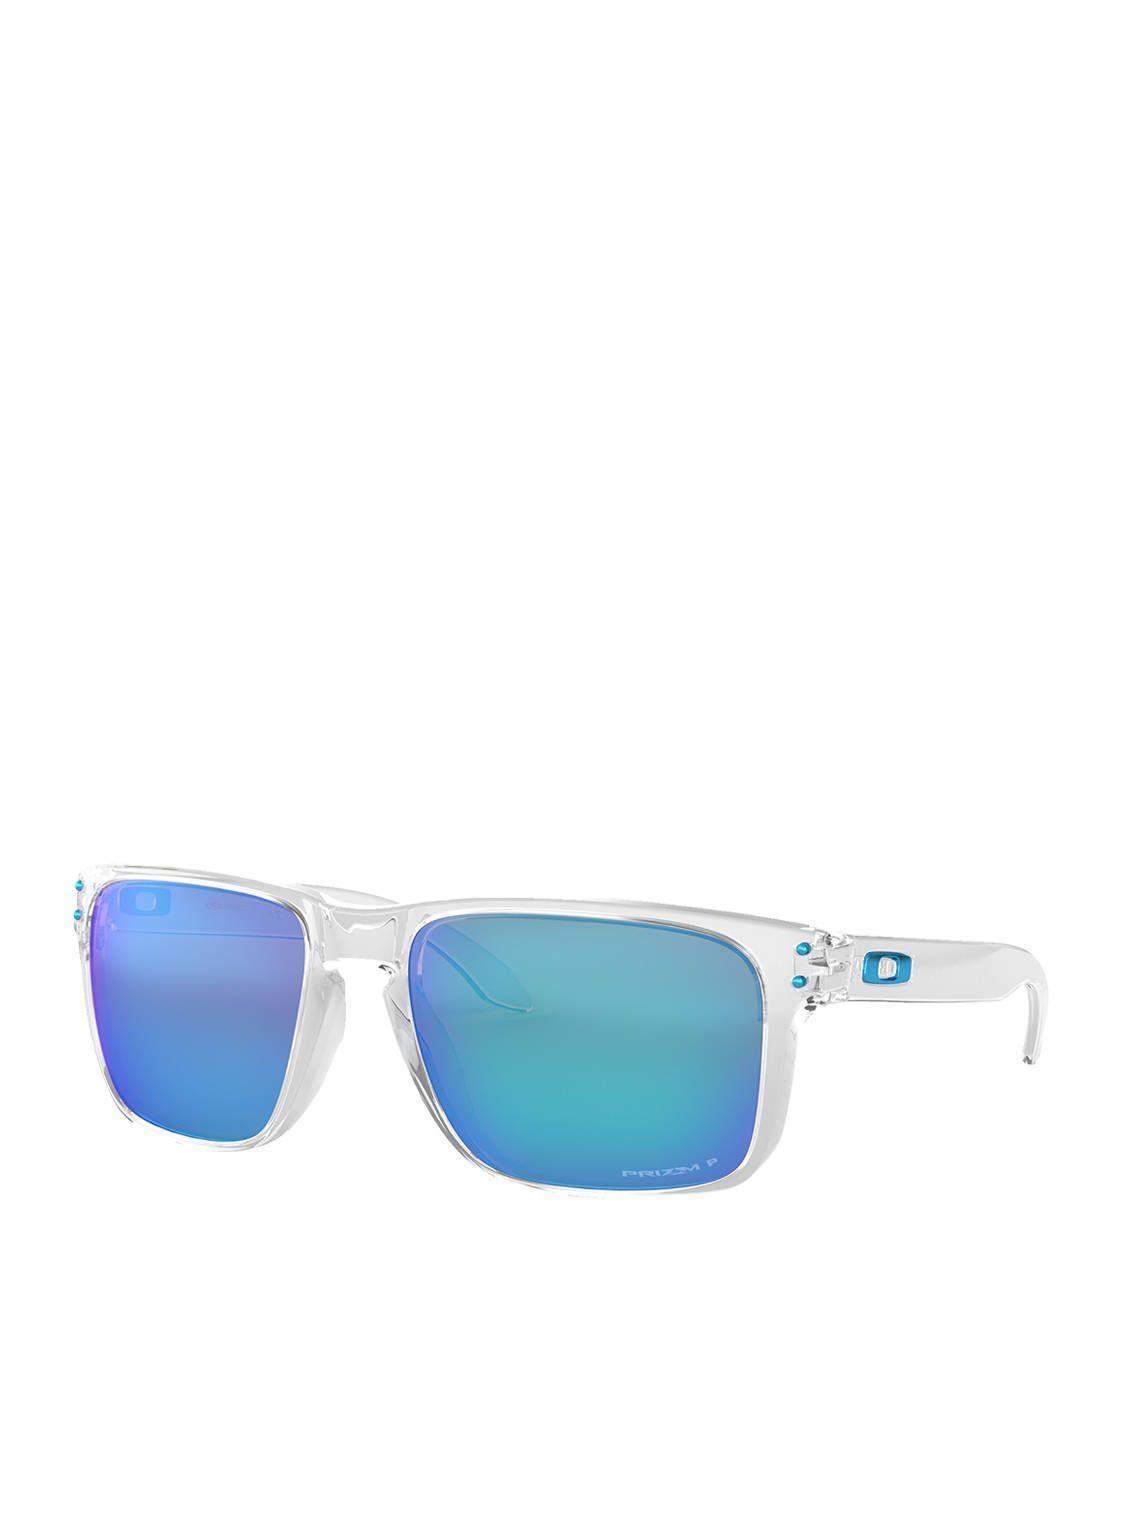 Sonnenbrille HOLBROOK XL von OAKLEY bei Breuninger kaufen